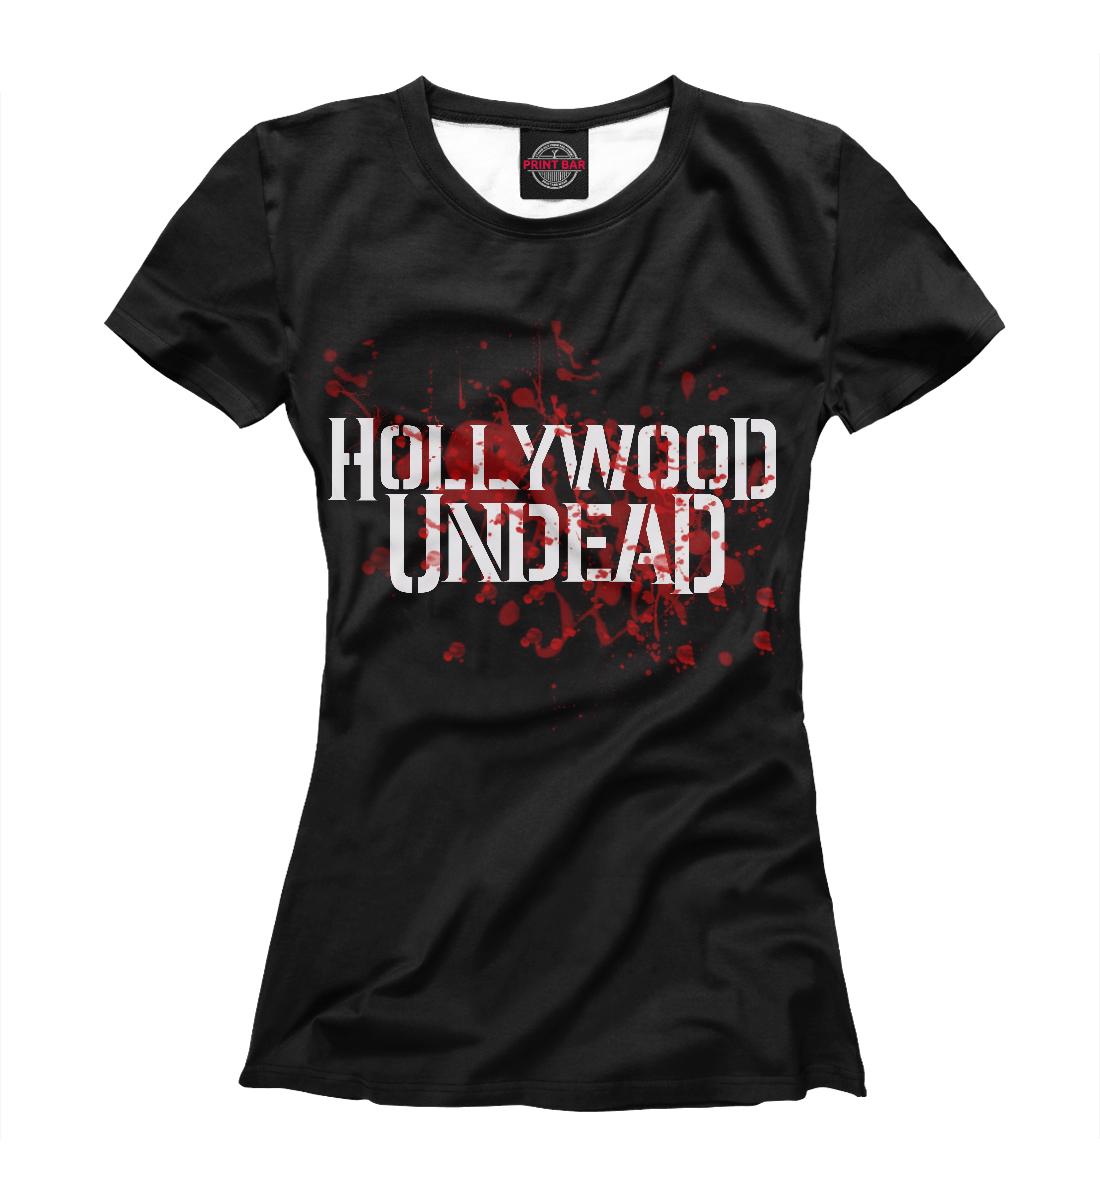 Купить Hollywood Undead, Printbar, Футболки, HLW-957399-fut-1